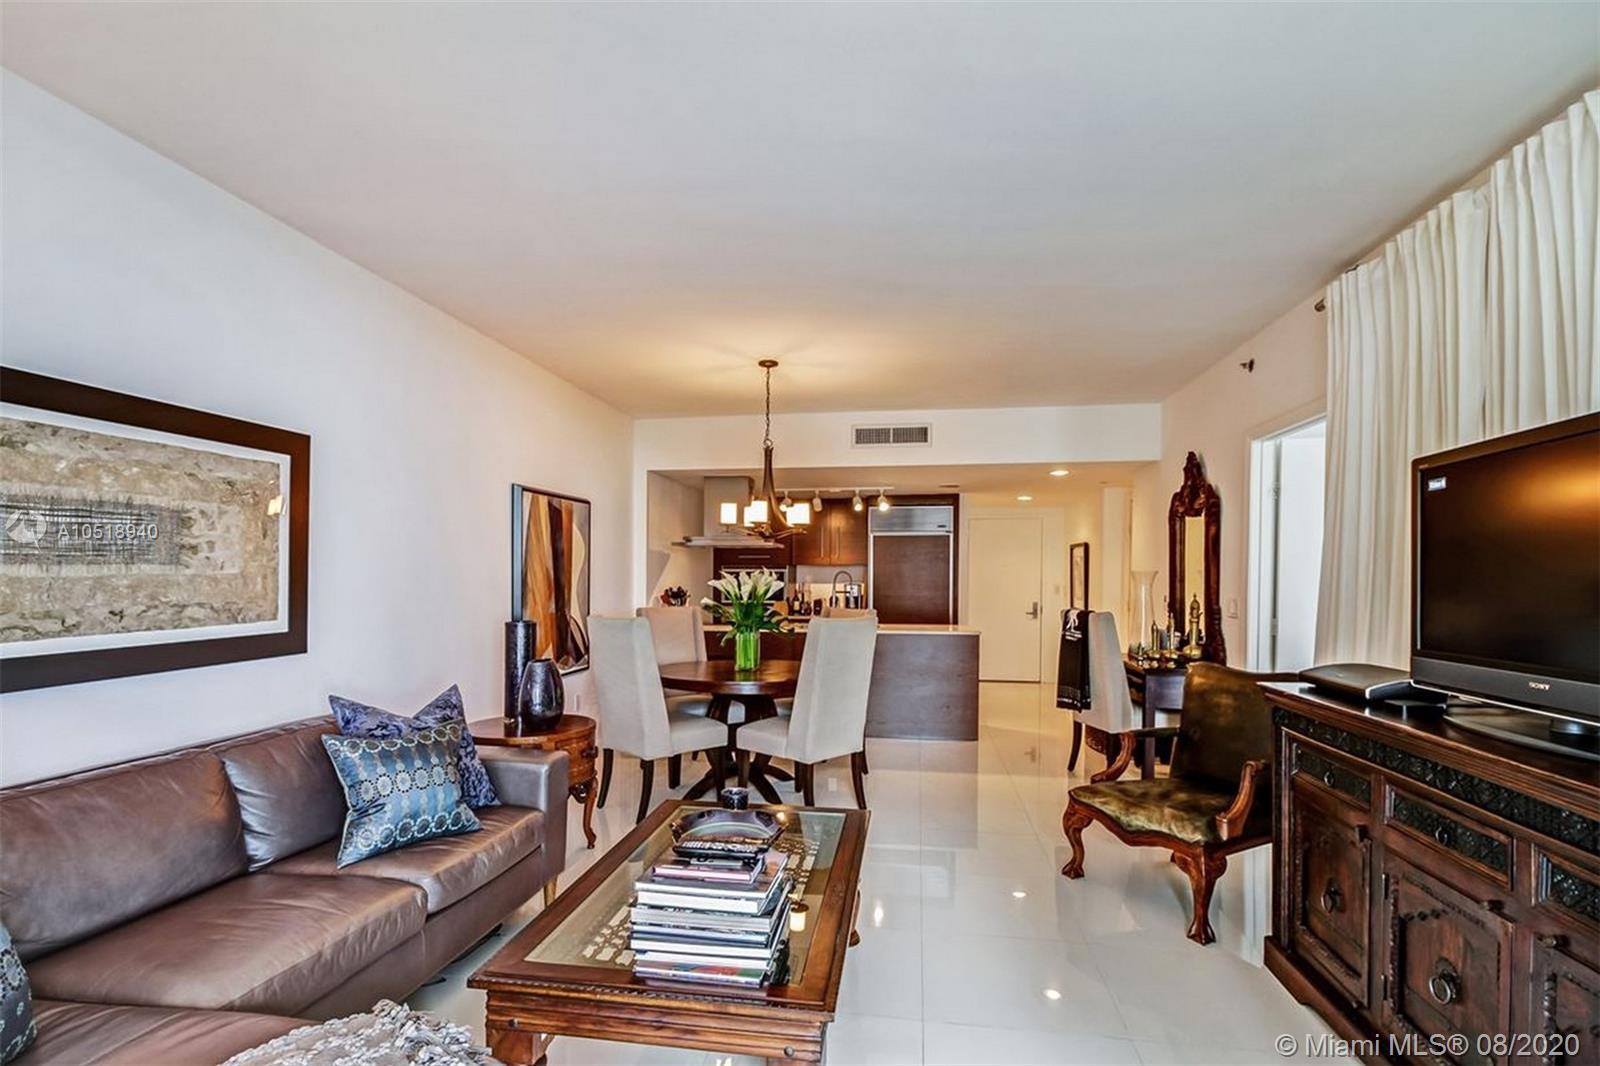 495 Brickell Ave, Miami, FL 33131, Icon Brickell II #809, Brickell, Miami A10518940 image #10